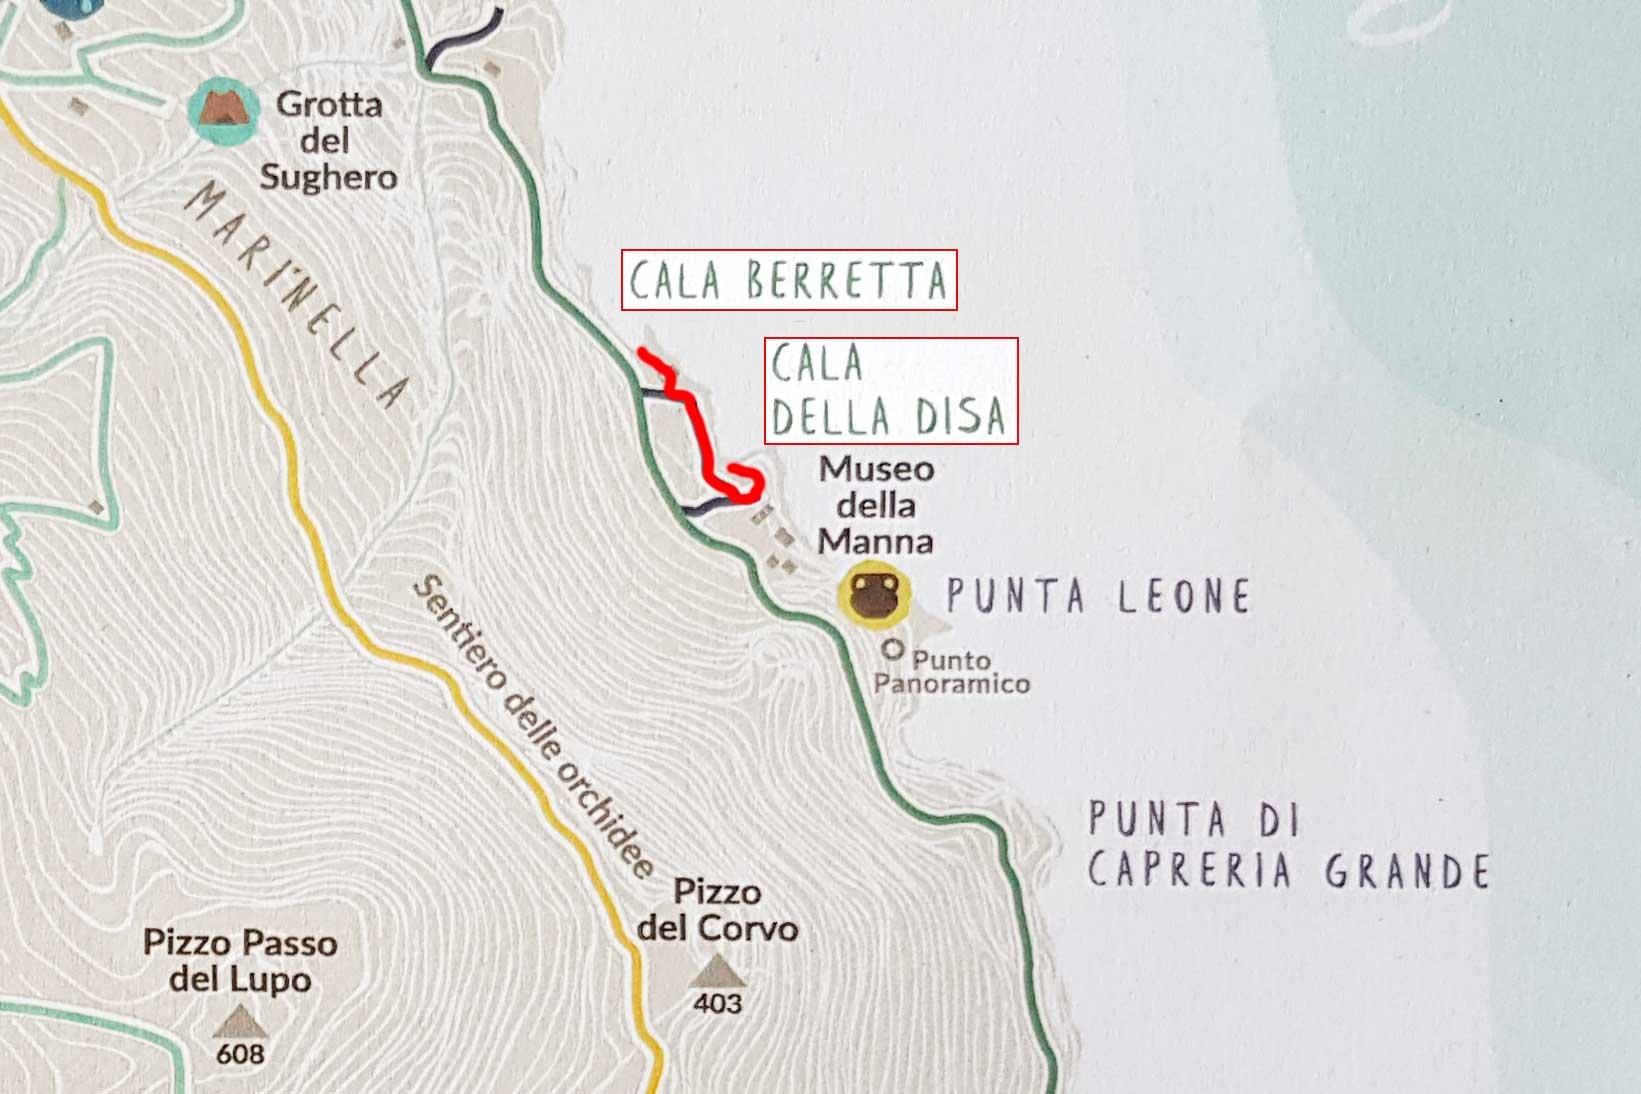 From Cala della Disa to Cala Berretta